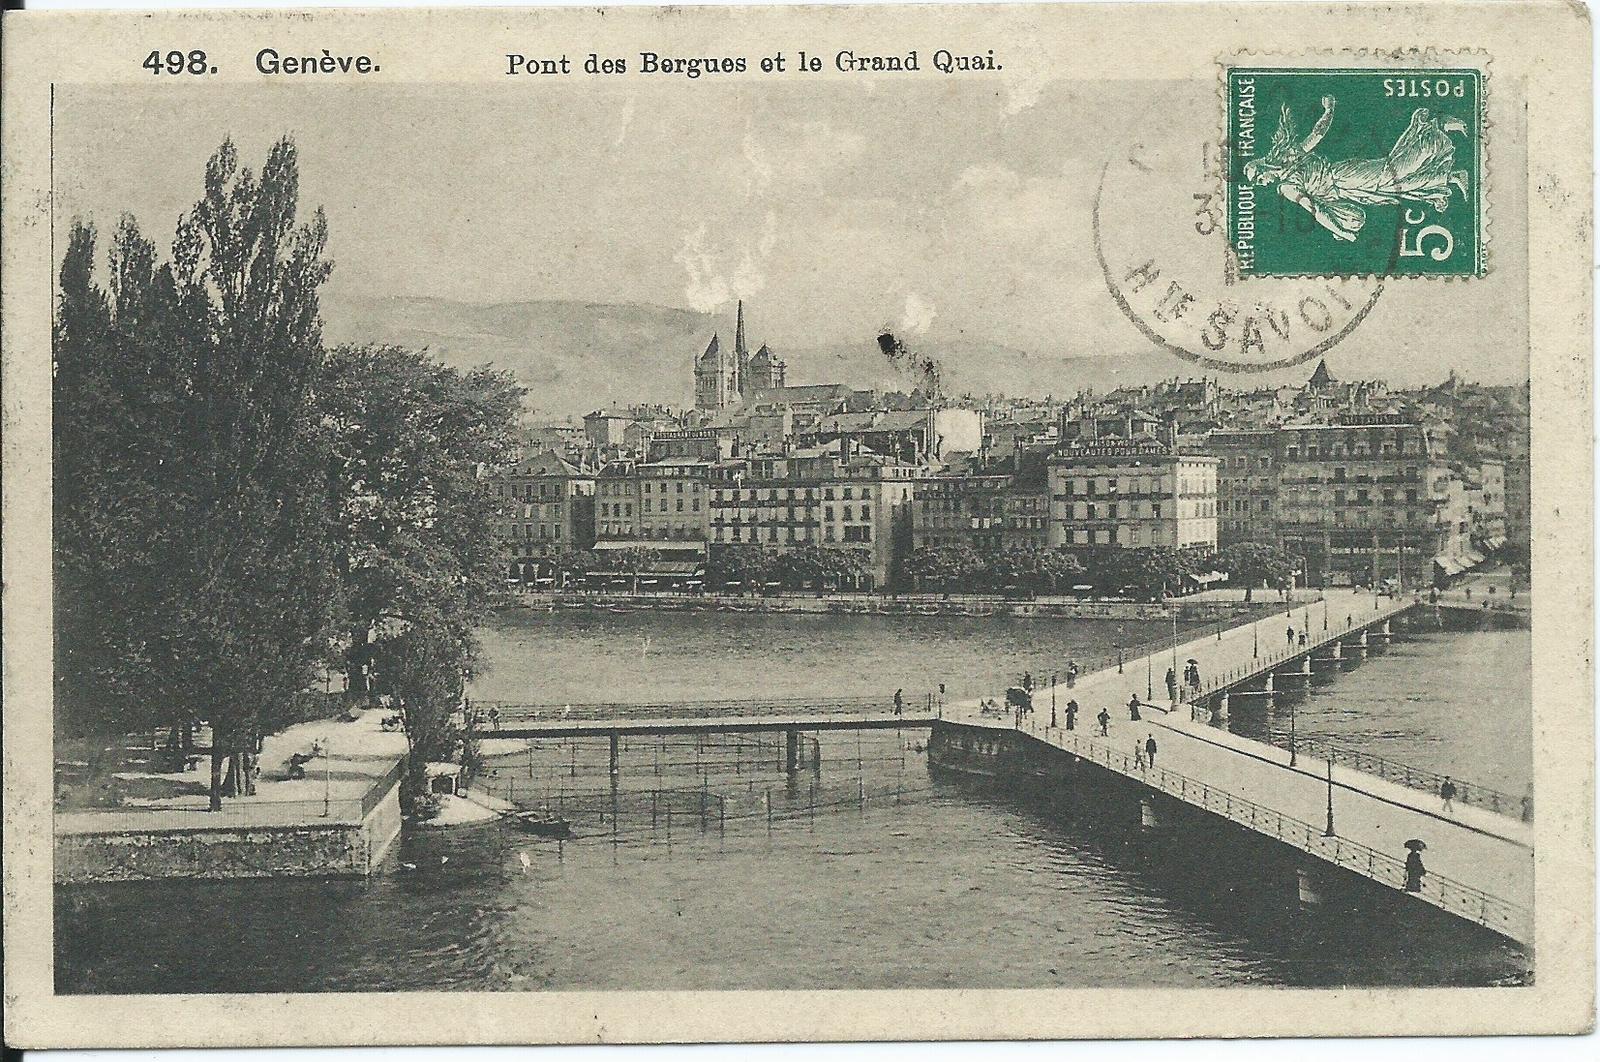 Genève - Genève. Pont des Bergues et le Grand Quai